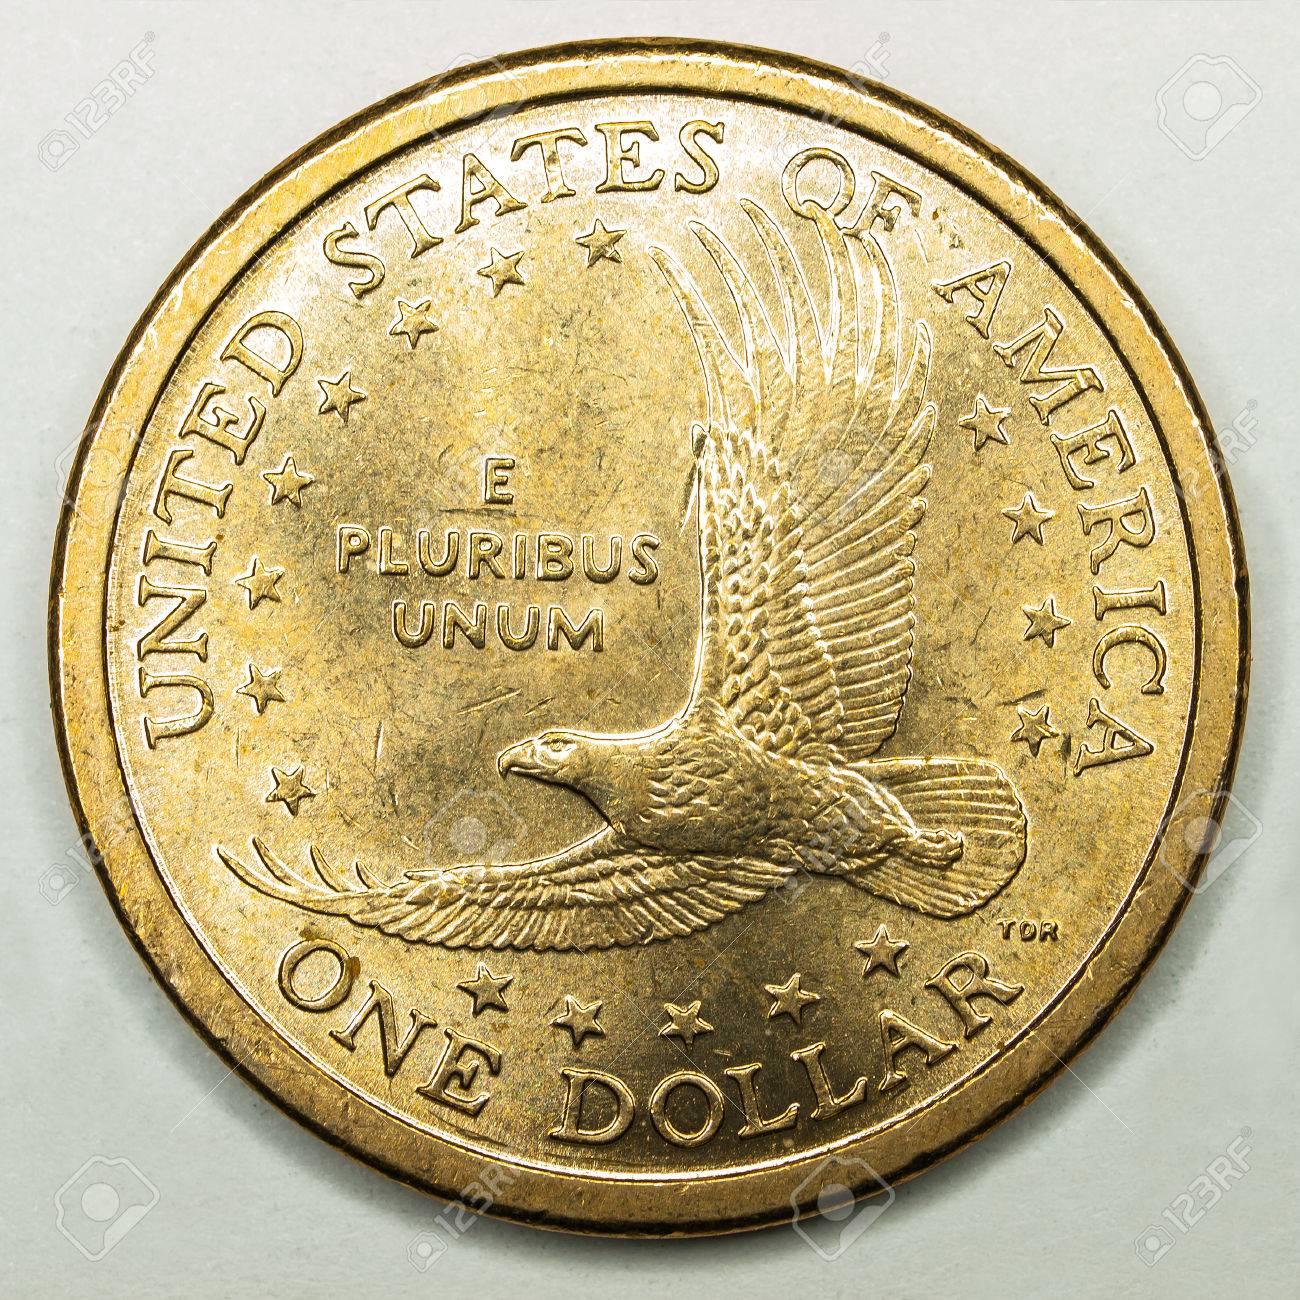 Us Gold Dollar Münze Mit Flying Eagle Lizenzfreie Fotos Bilder Und